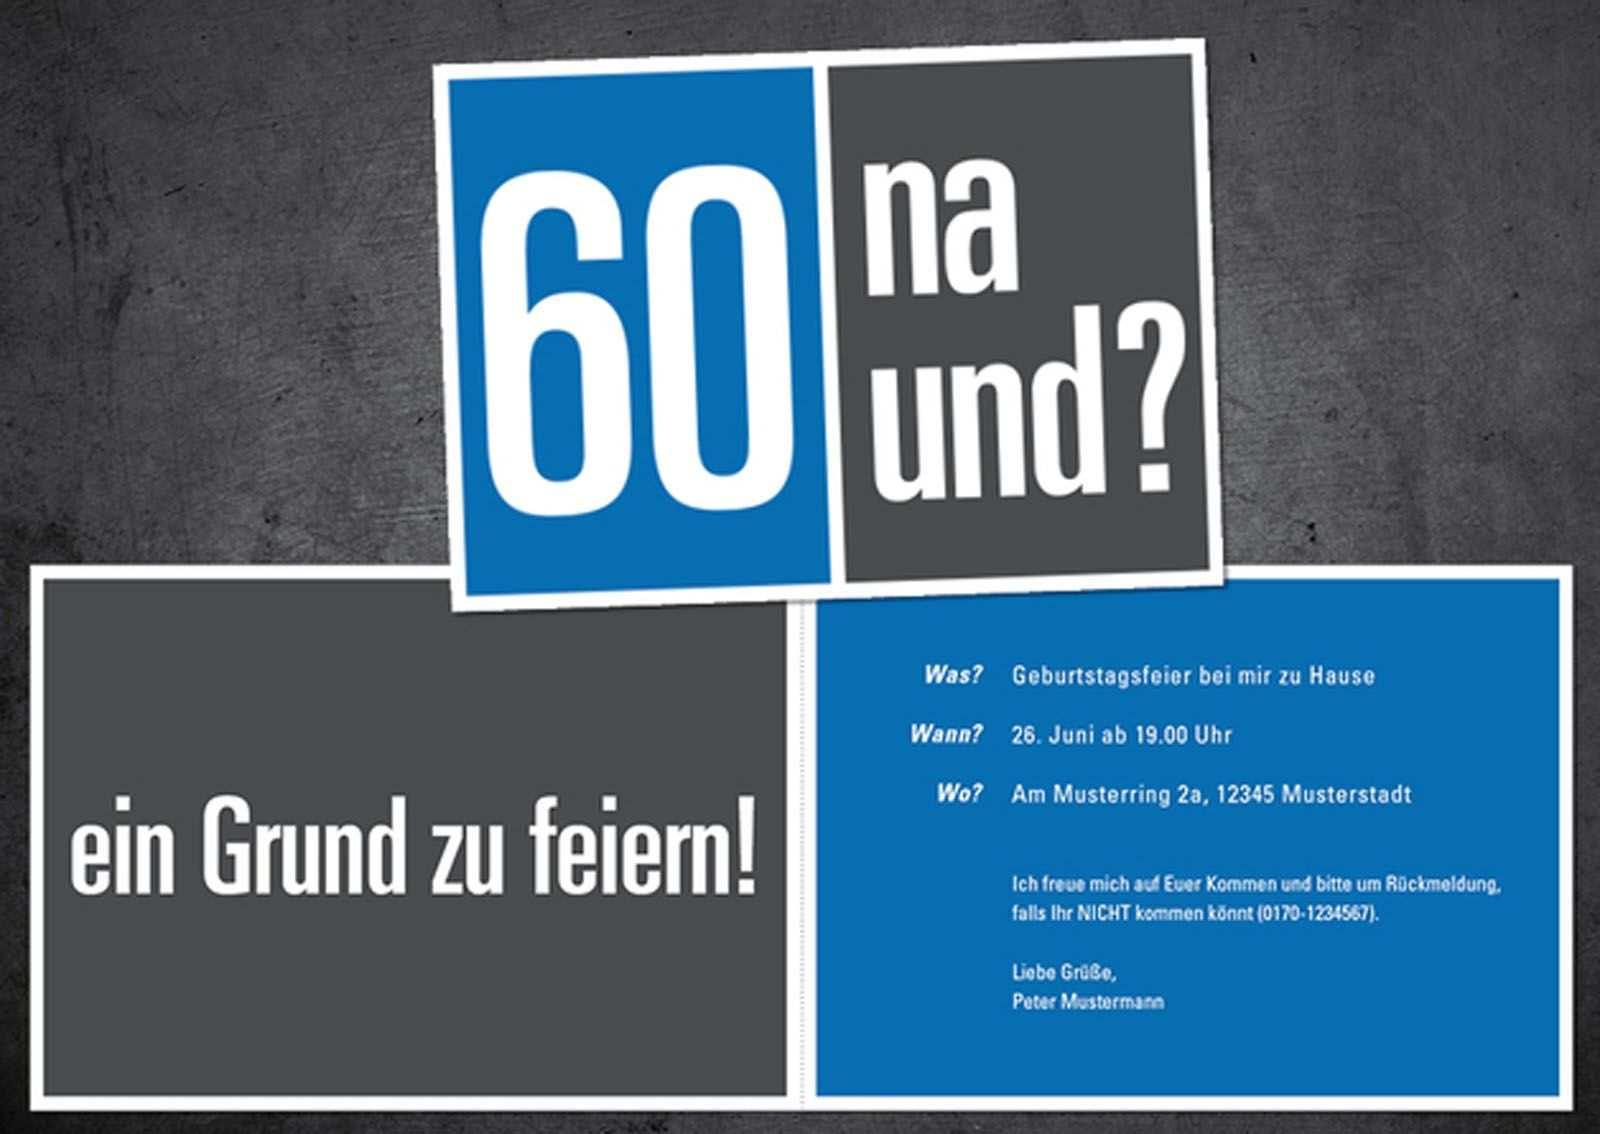 Einladungen Zum 60 Geburtstag Kostenlos Ausdrucken Einladung 60 Geburtstag Einladung Gestalten Einladung Geburtstag